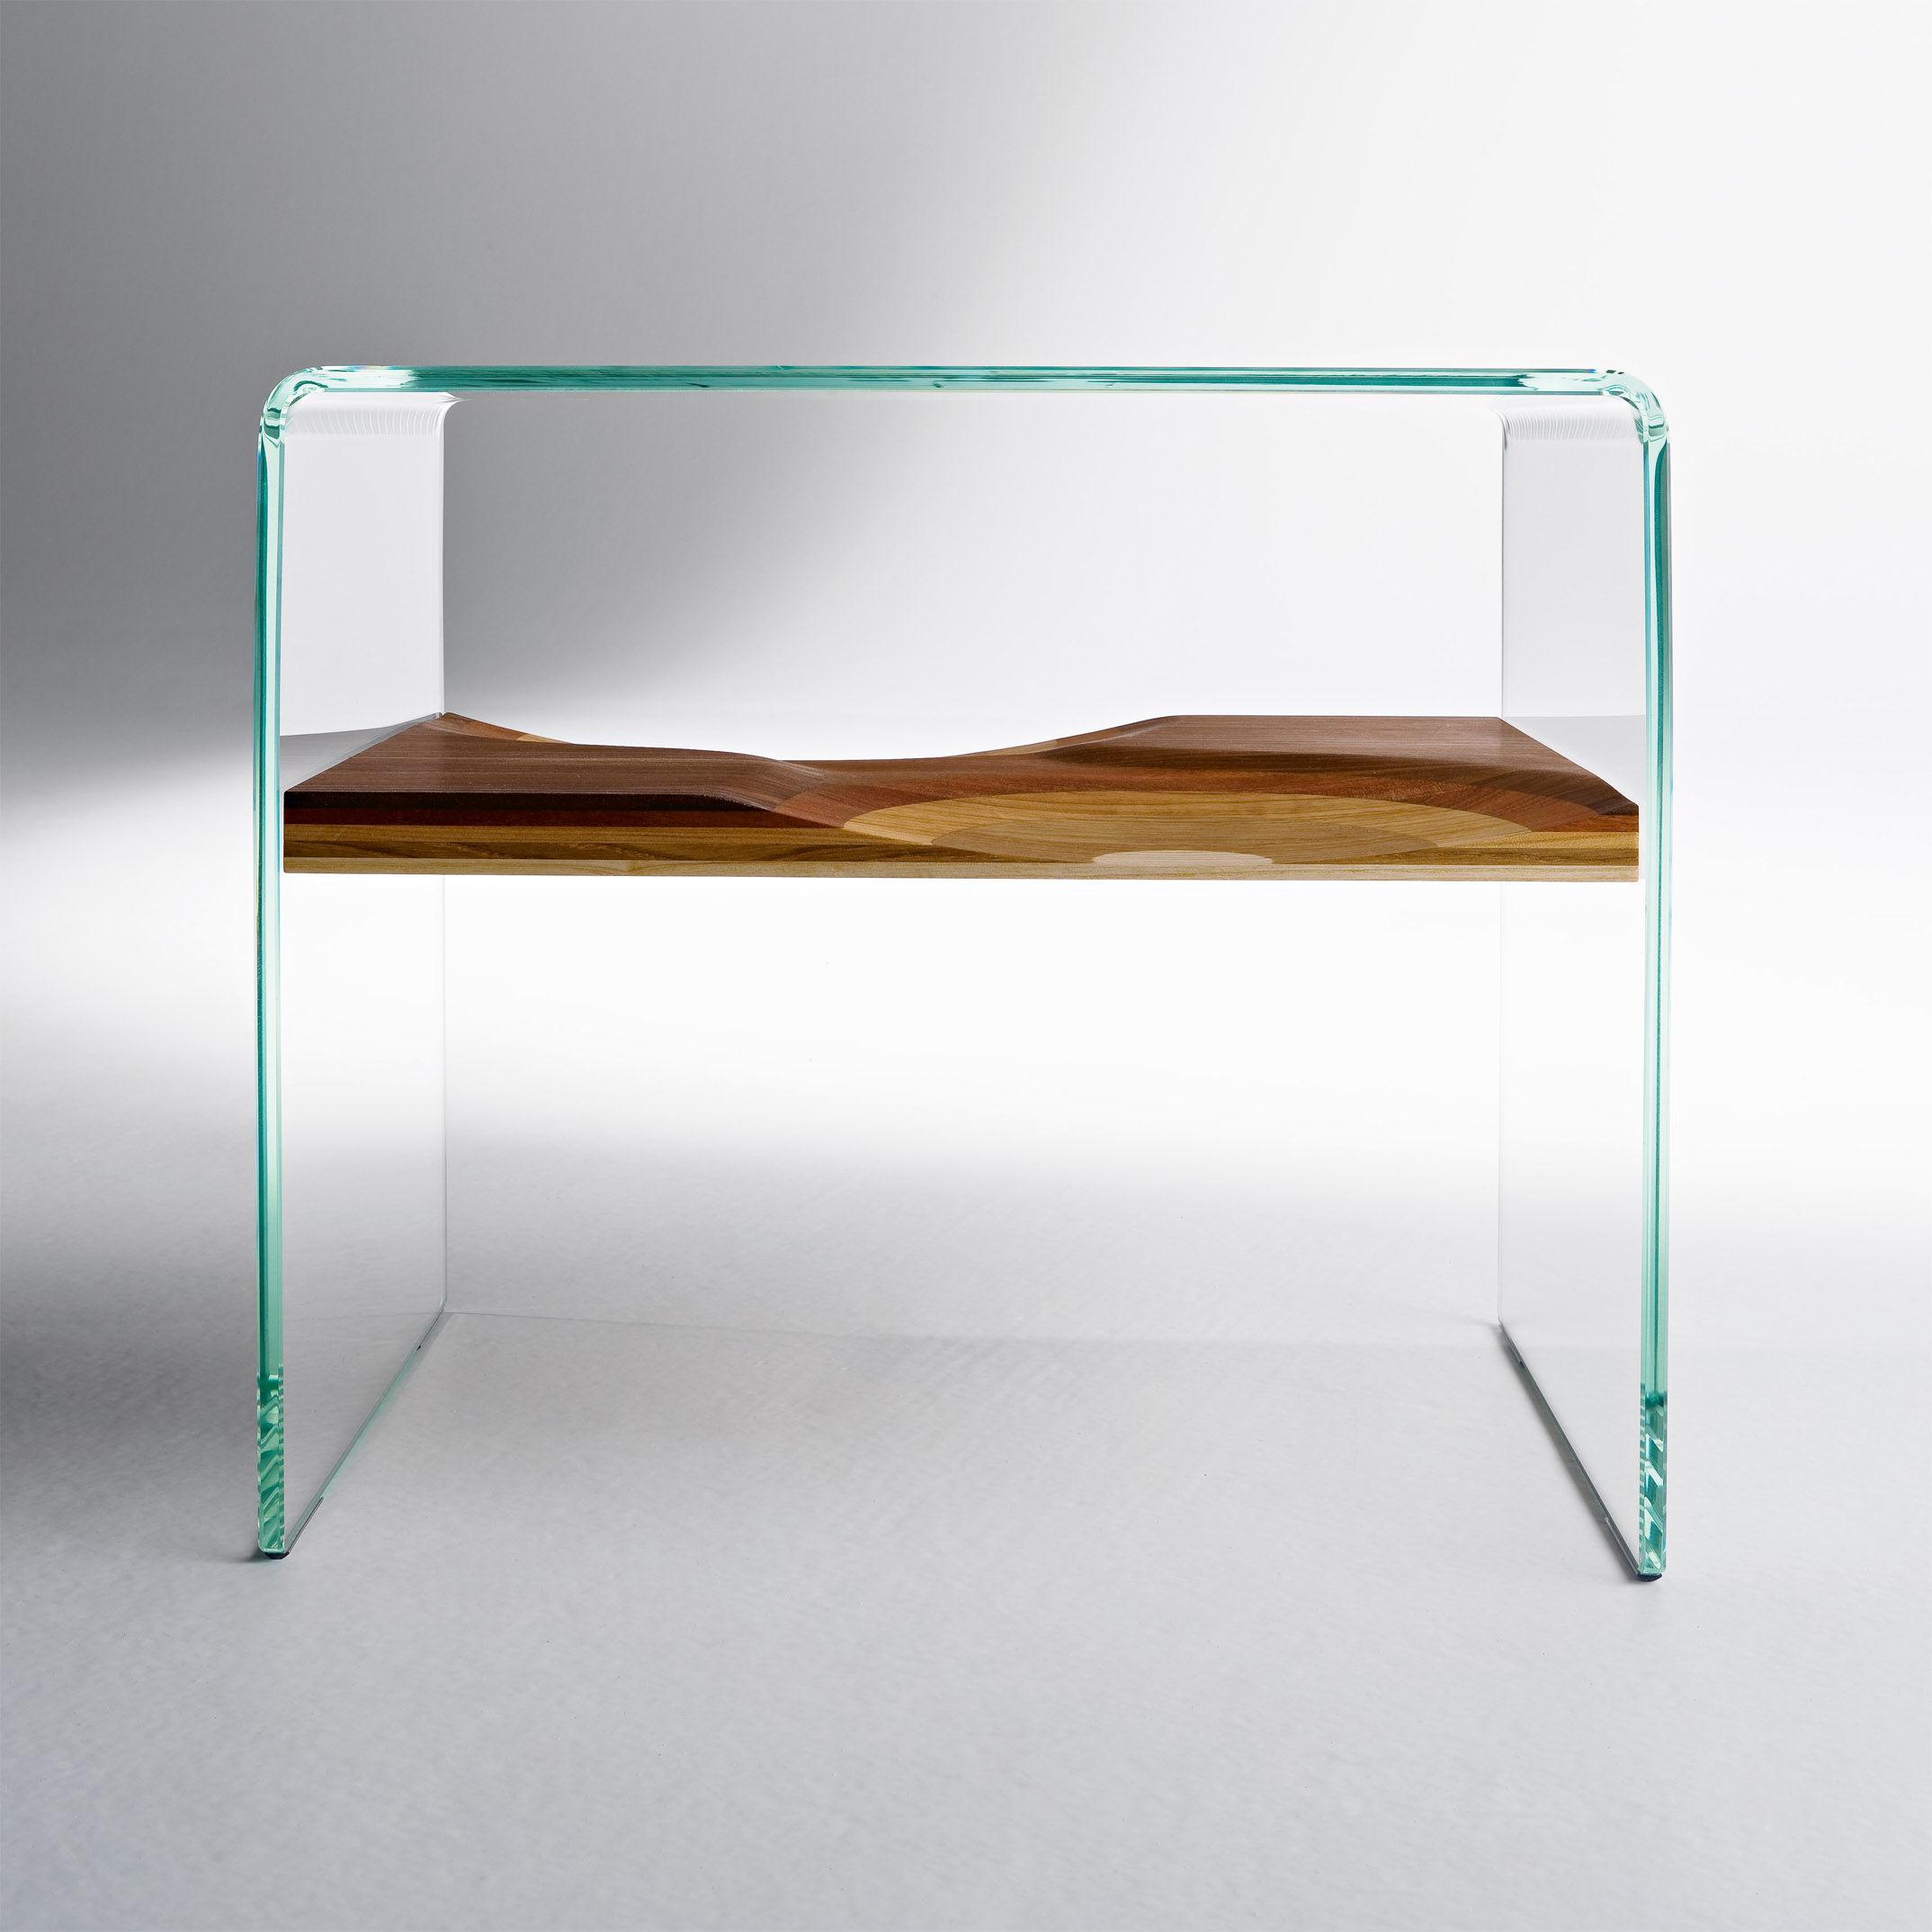 Table de chevet bifronte horm transparent bois naturel made in design - Tables de chevet design ...